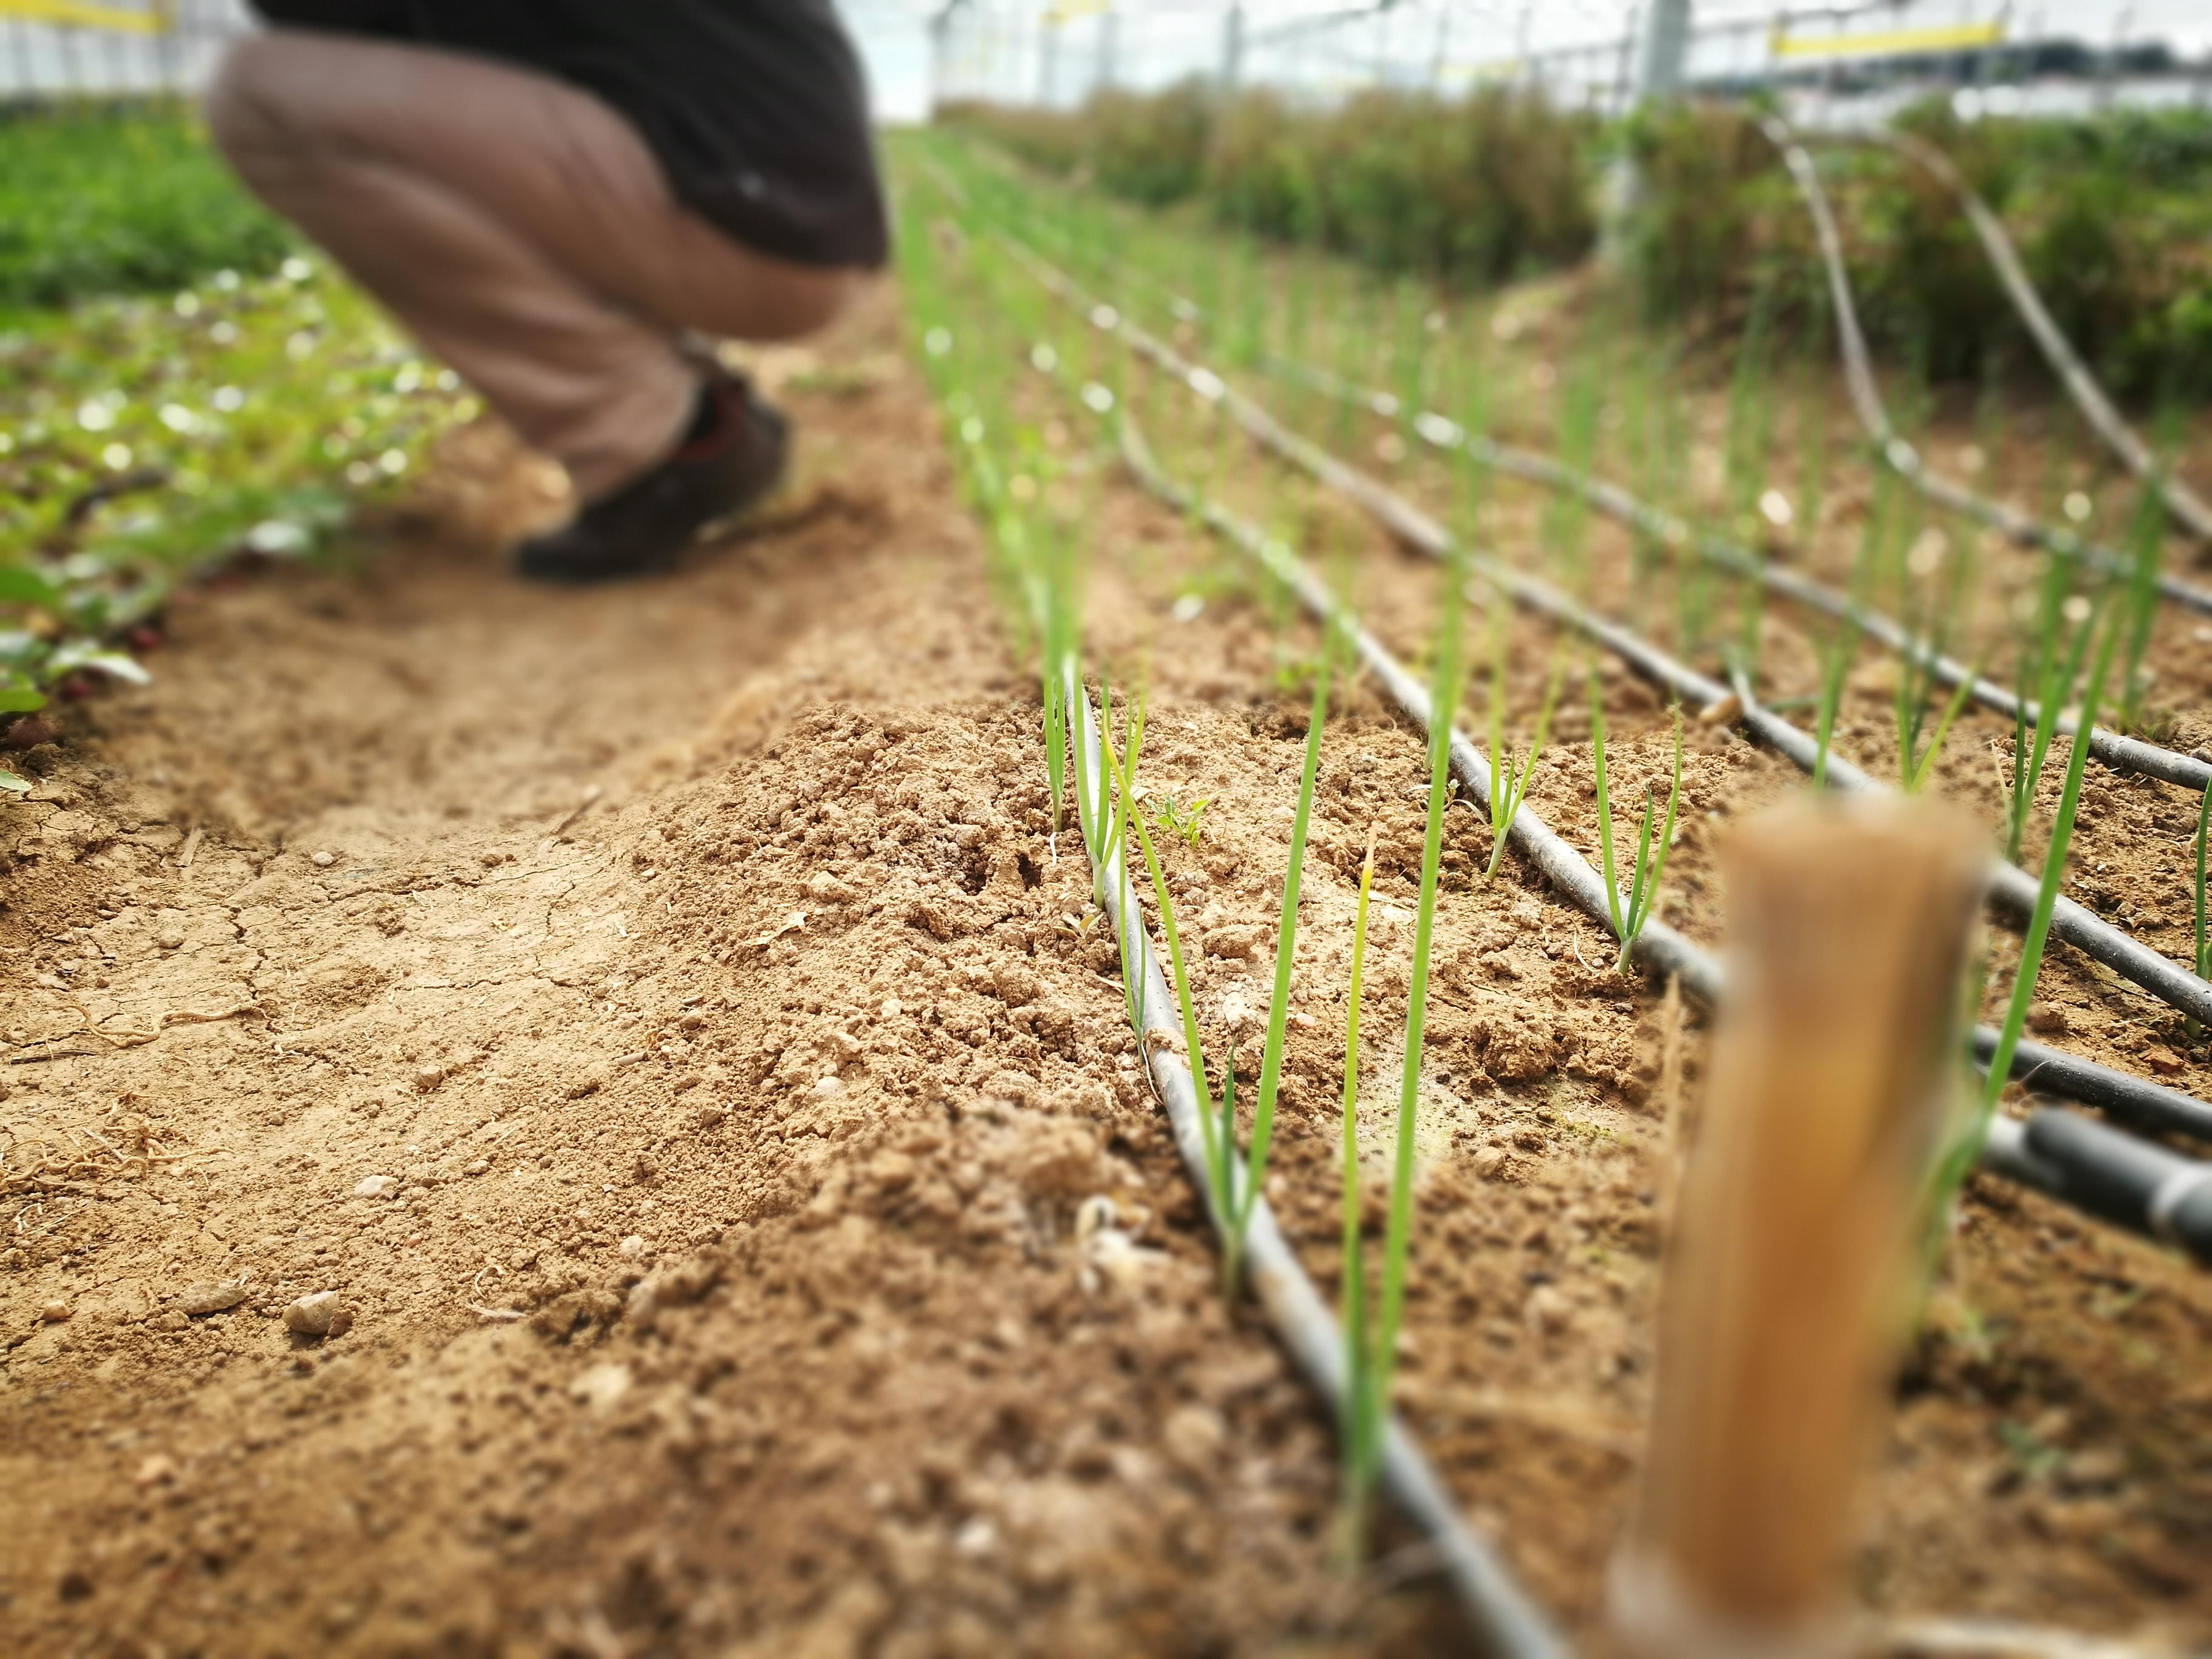 Pequenos Investimentos Na Exploração Agrícola 2º Anúncio – A2S Triplica O Número De Candidaturas Recebidas